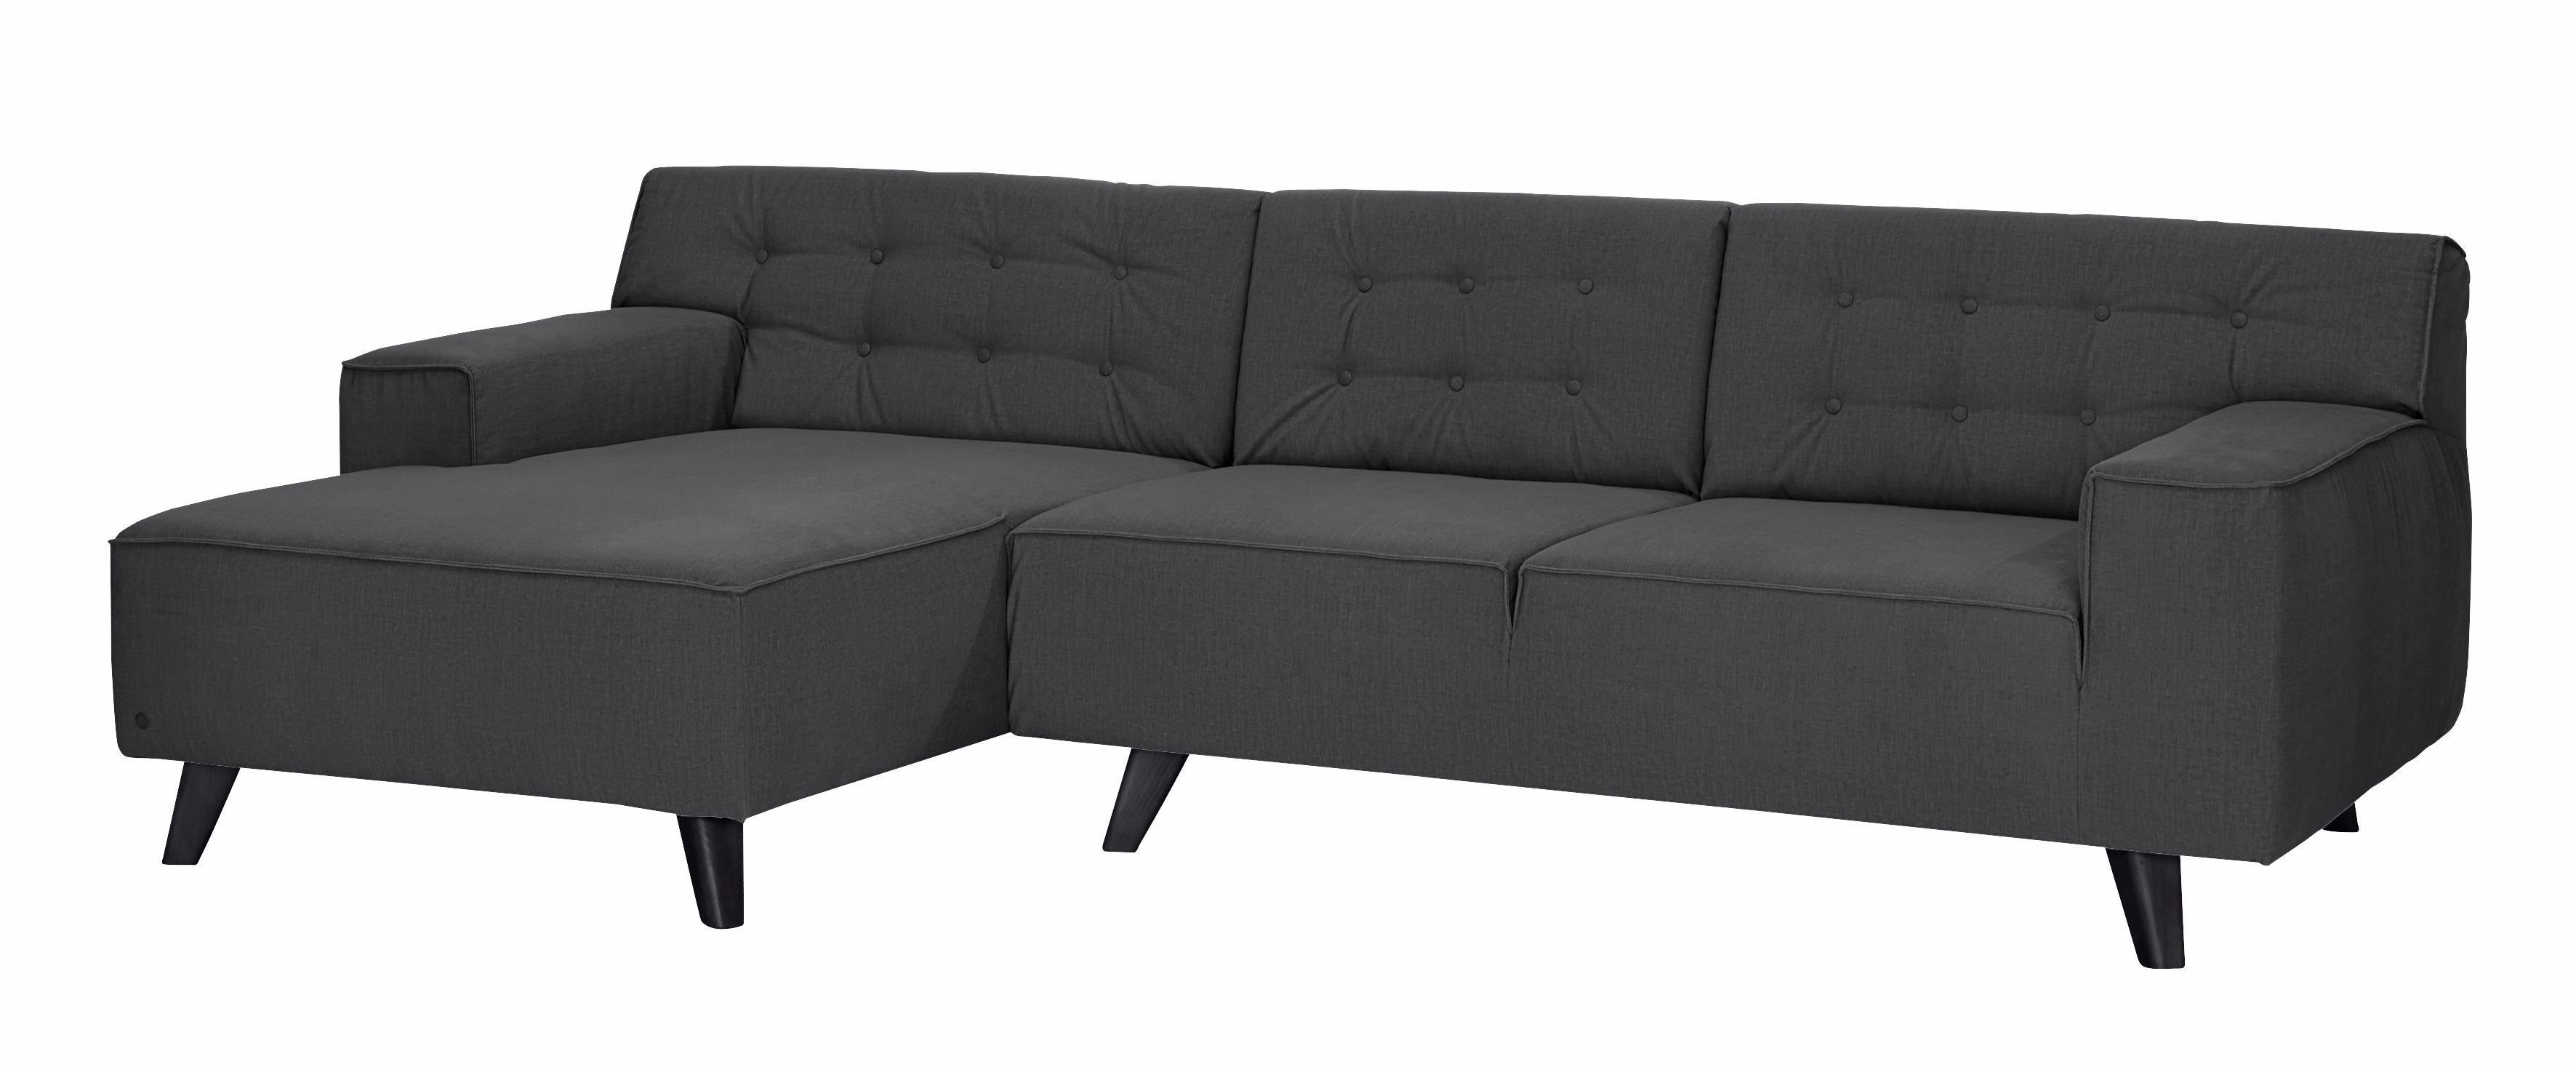 Wunderschön Sofa Mit Recamiere Foto Von Best Tom Tailor Polsterecke Nordic Chic Im